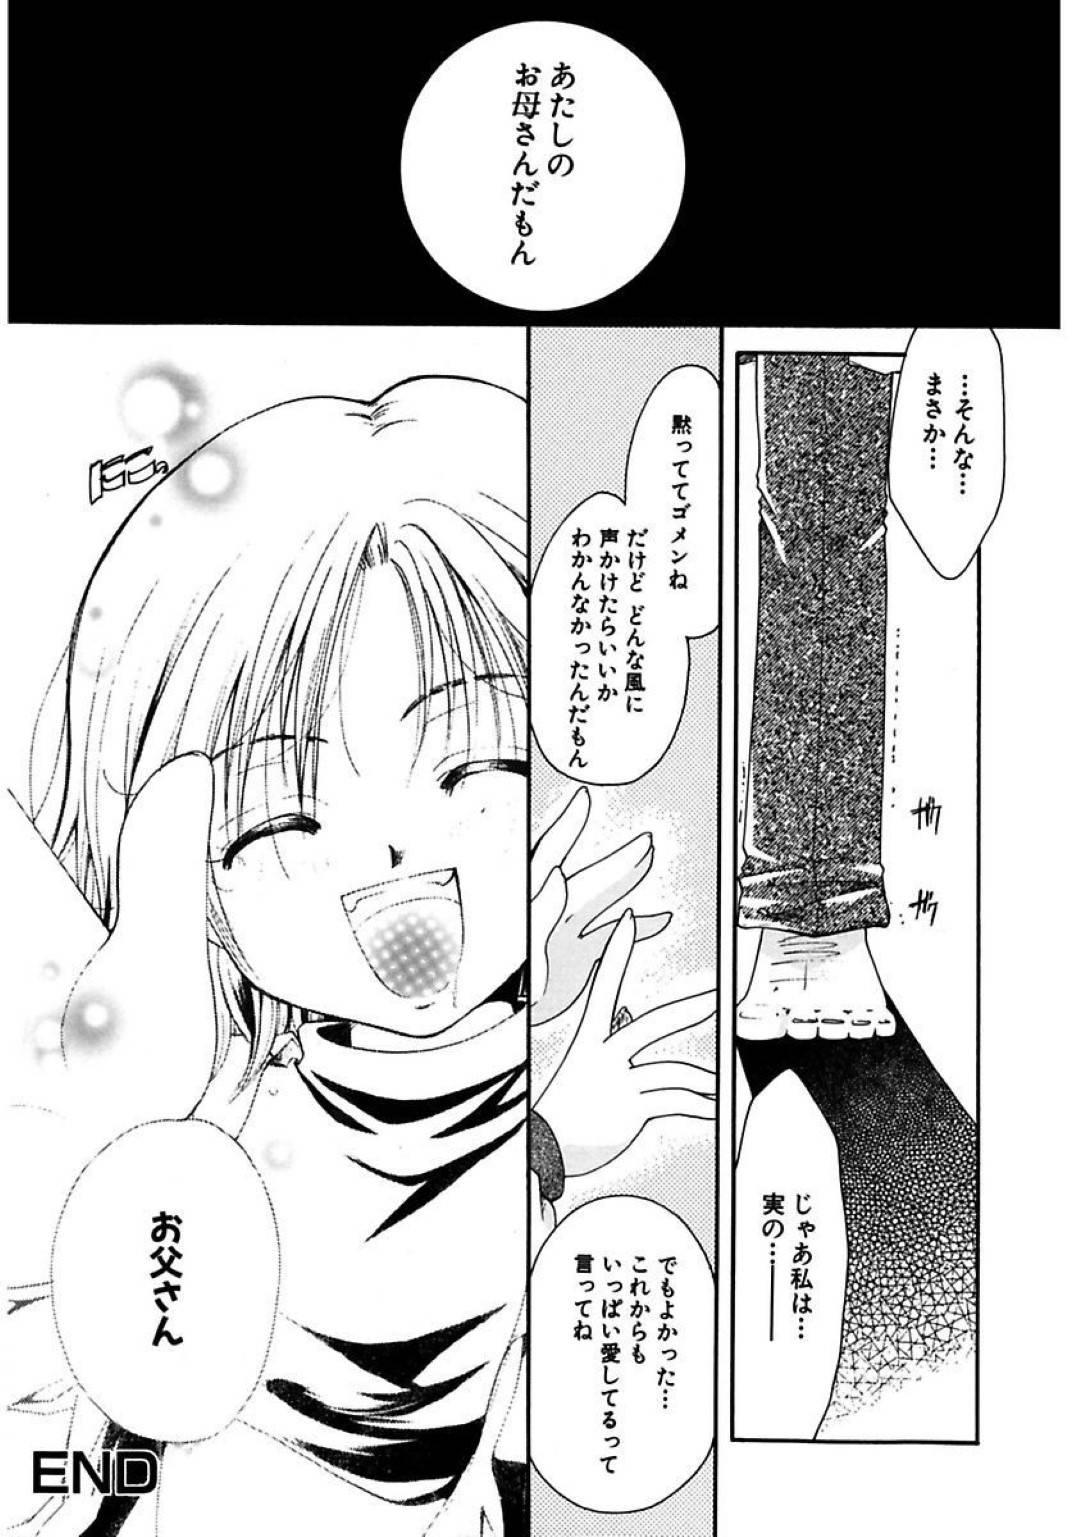 【エロ漫画】おじさんをパパと呼び援助交際する美少女ロリが、激しいイチャラブ生ハメ中出しセックスしてイキまくり【いとうえい/BABY★SOUL】